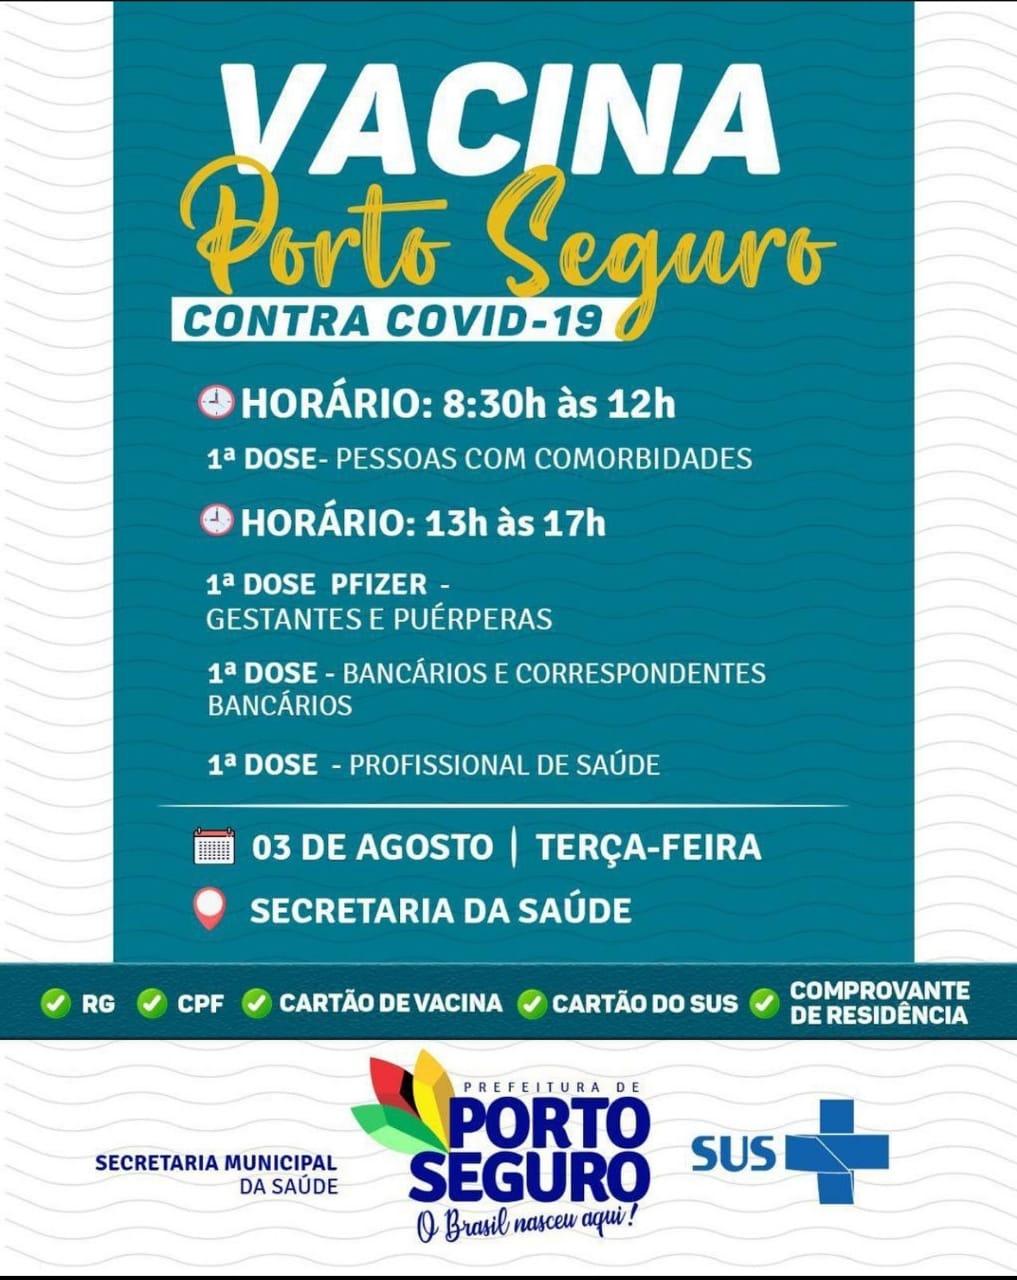 Vacina Porto Seguro contra Covid-19; cronograma de vacinação de 02 a 04 de Agosto 35